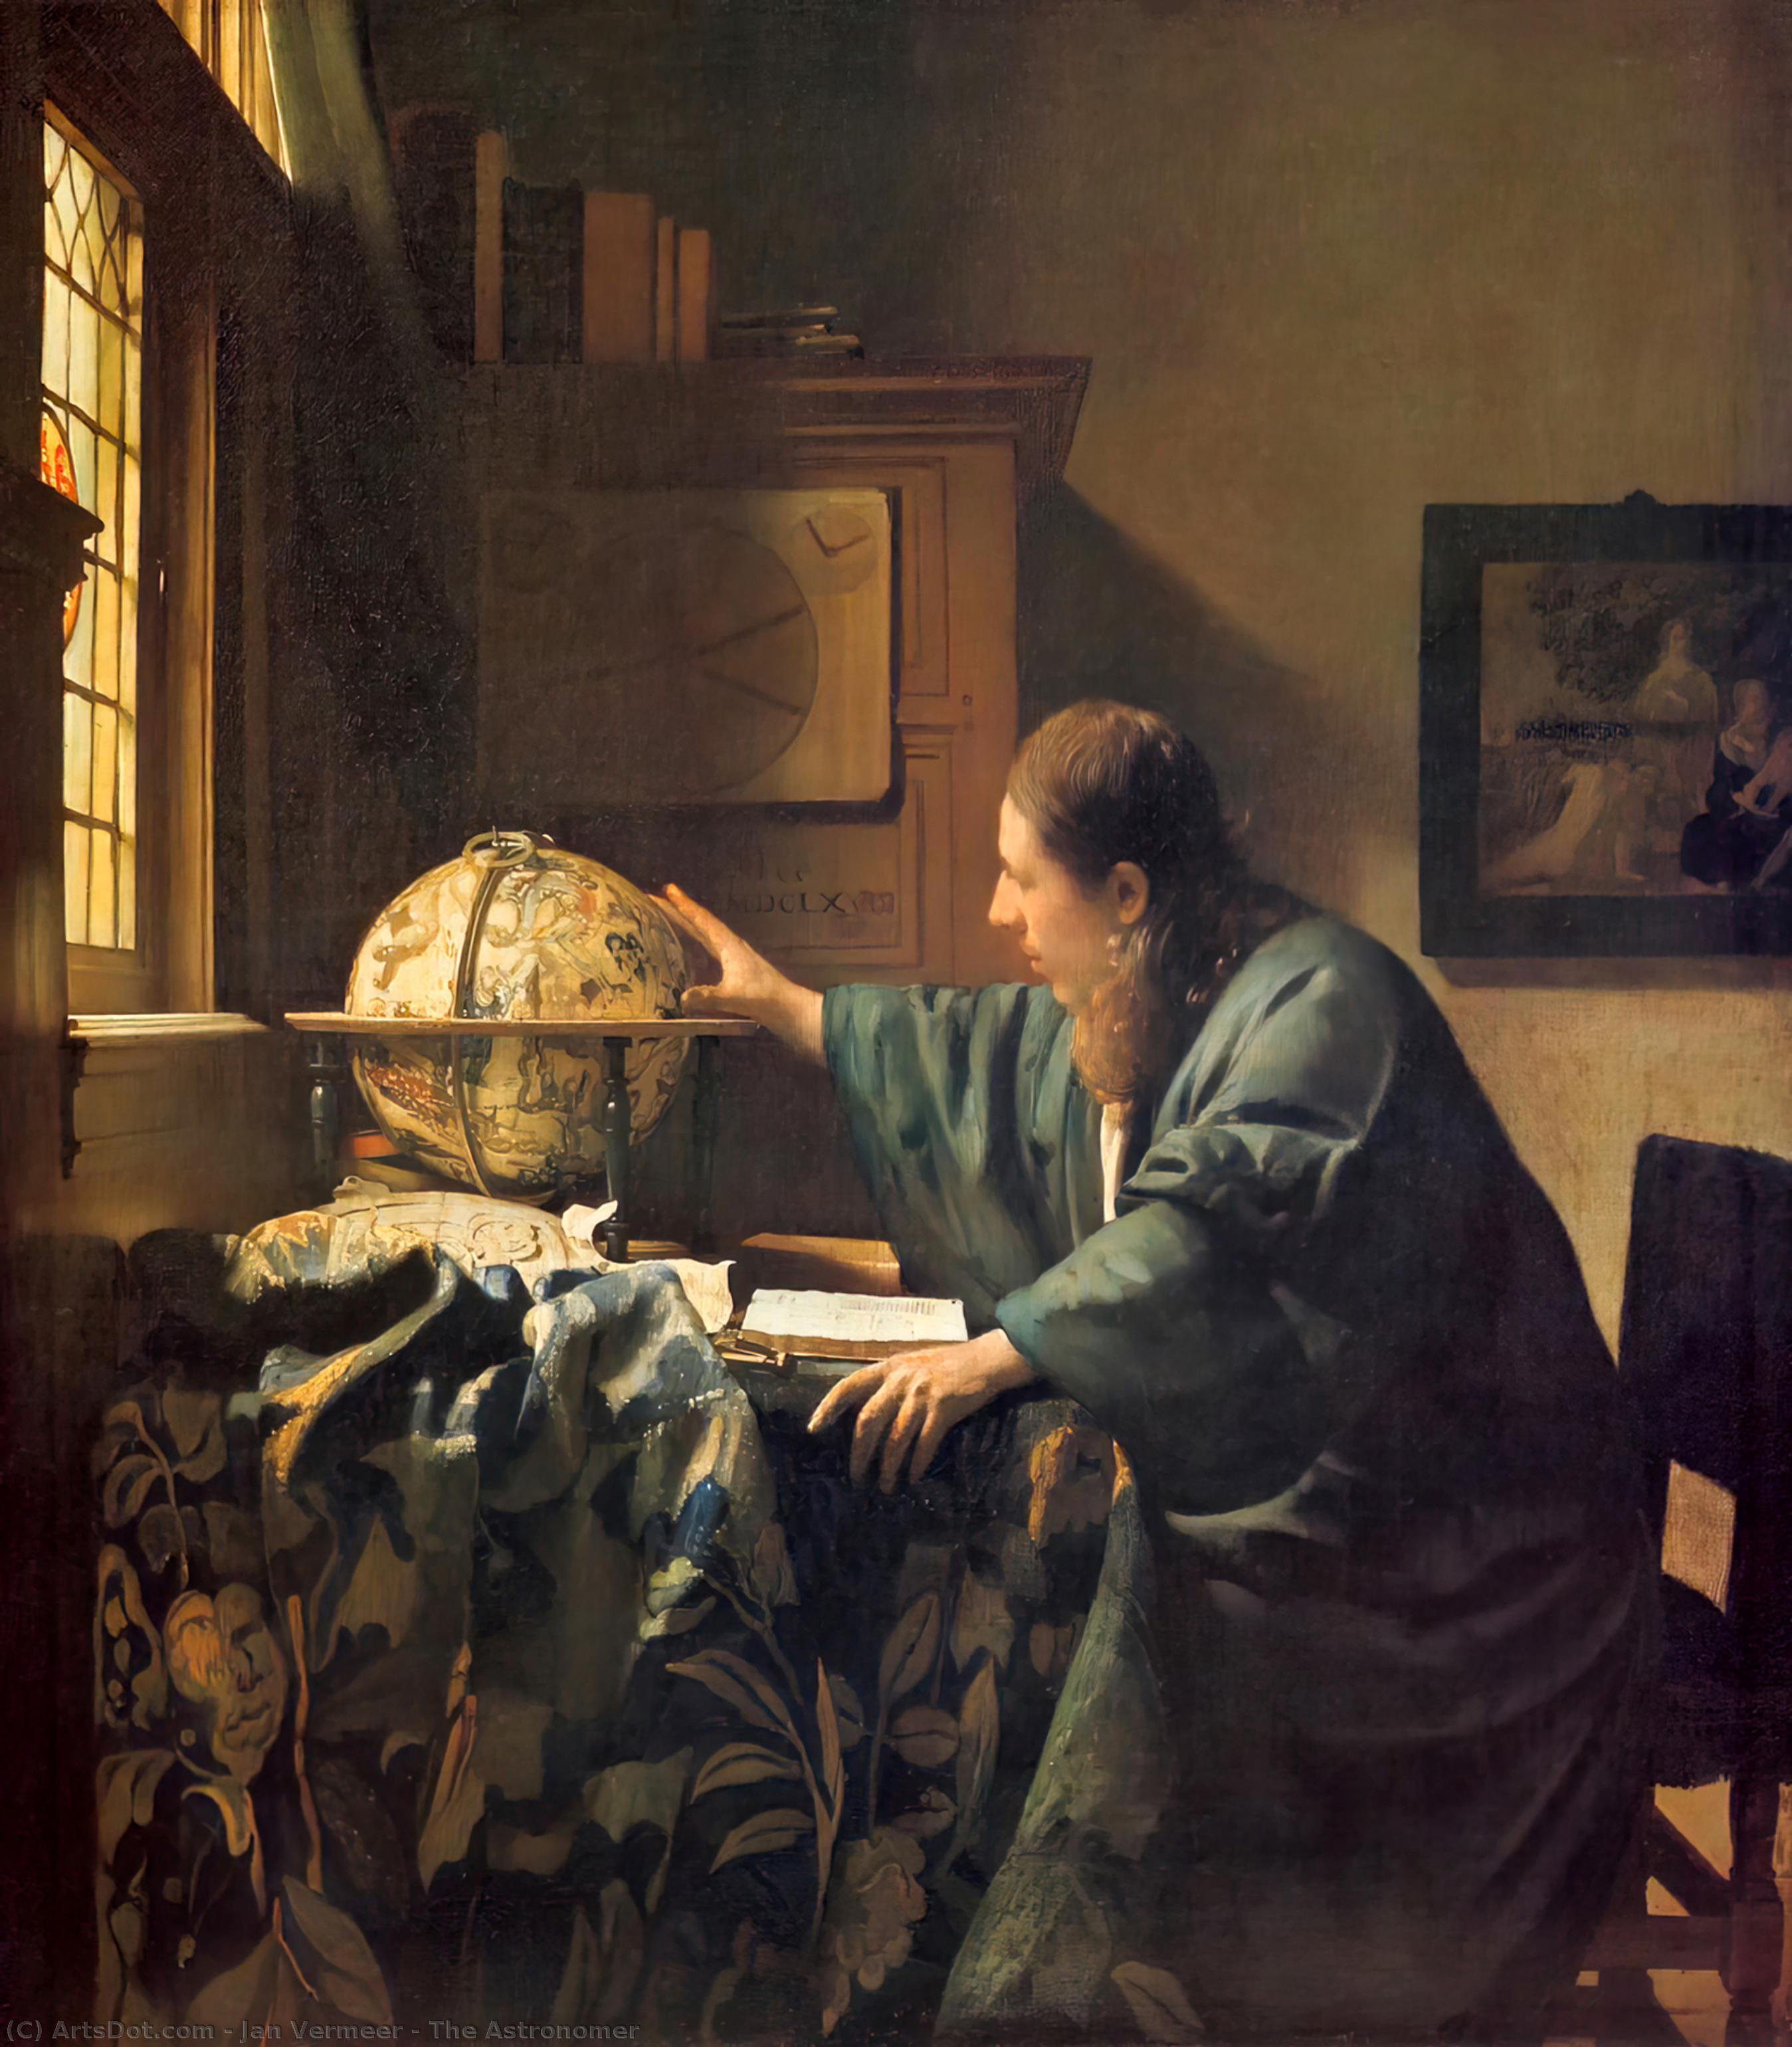 WikiOO.org - Encyclopedia of Fine Arts - Schilderen, Artwork Jan Vermeer - The Astronomer